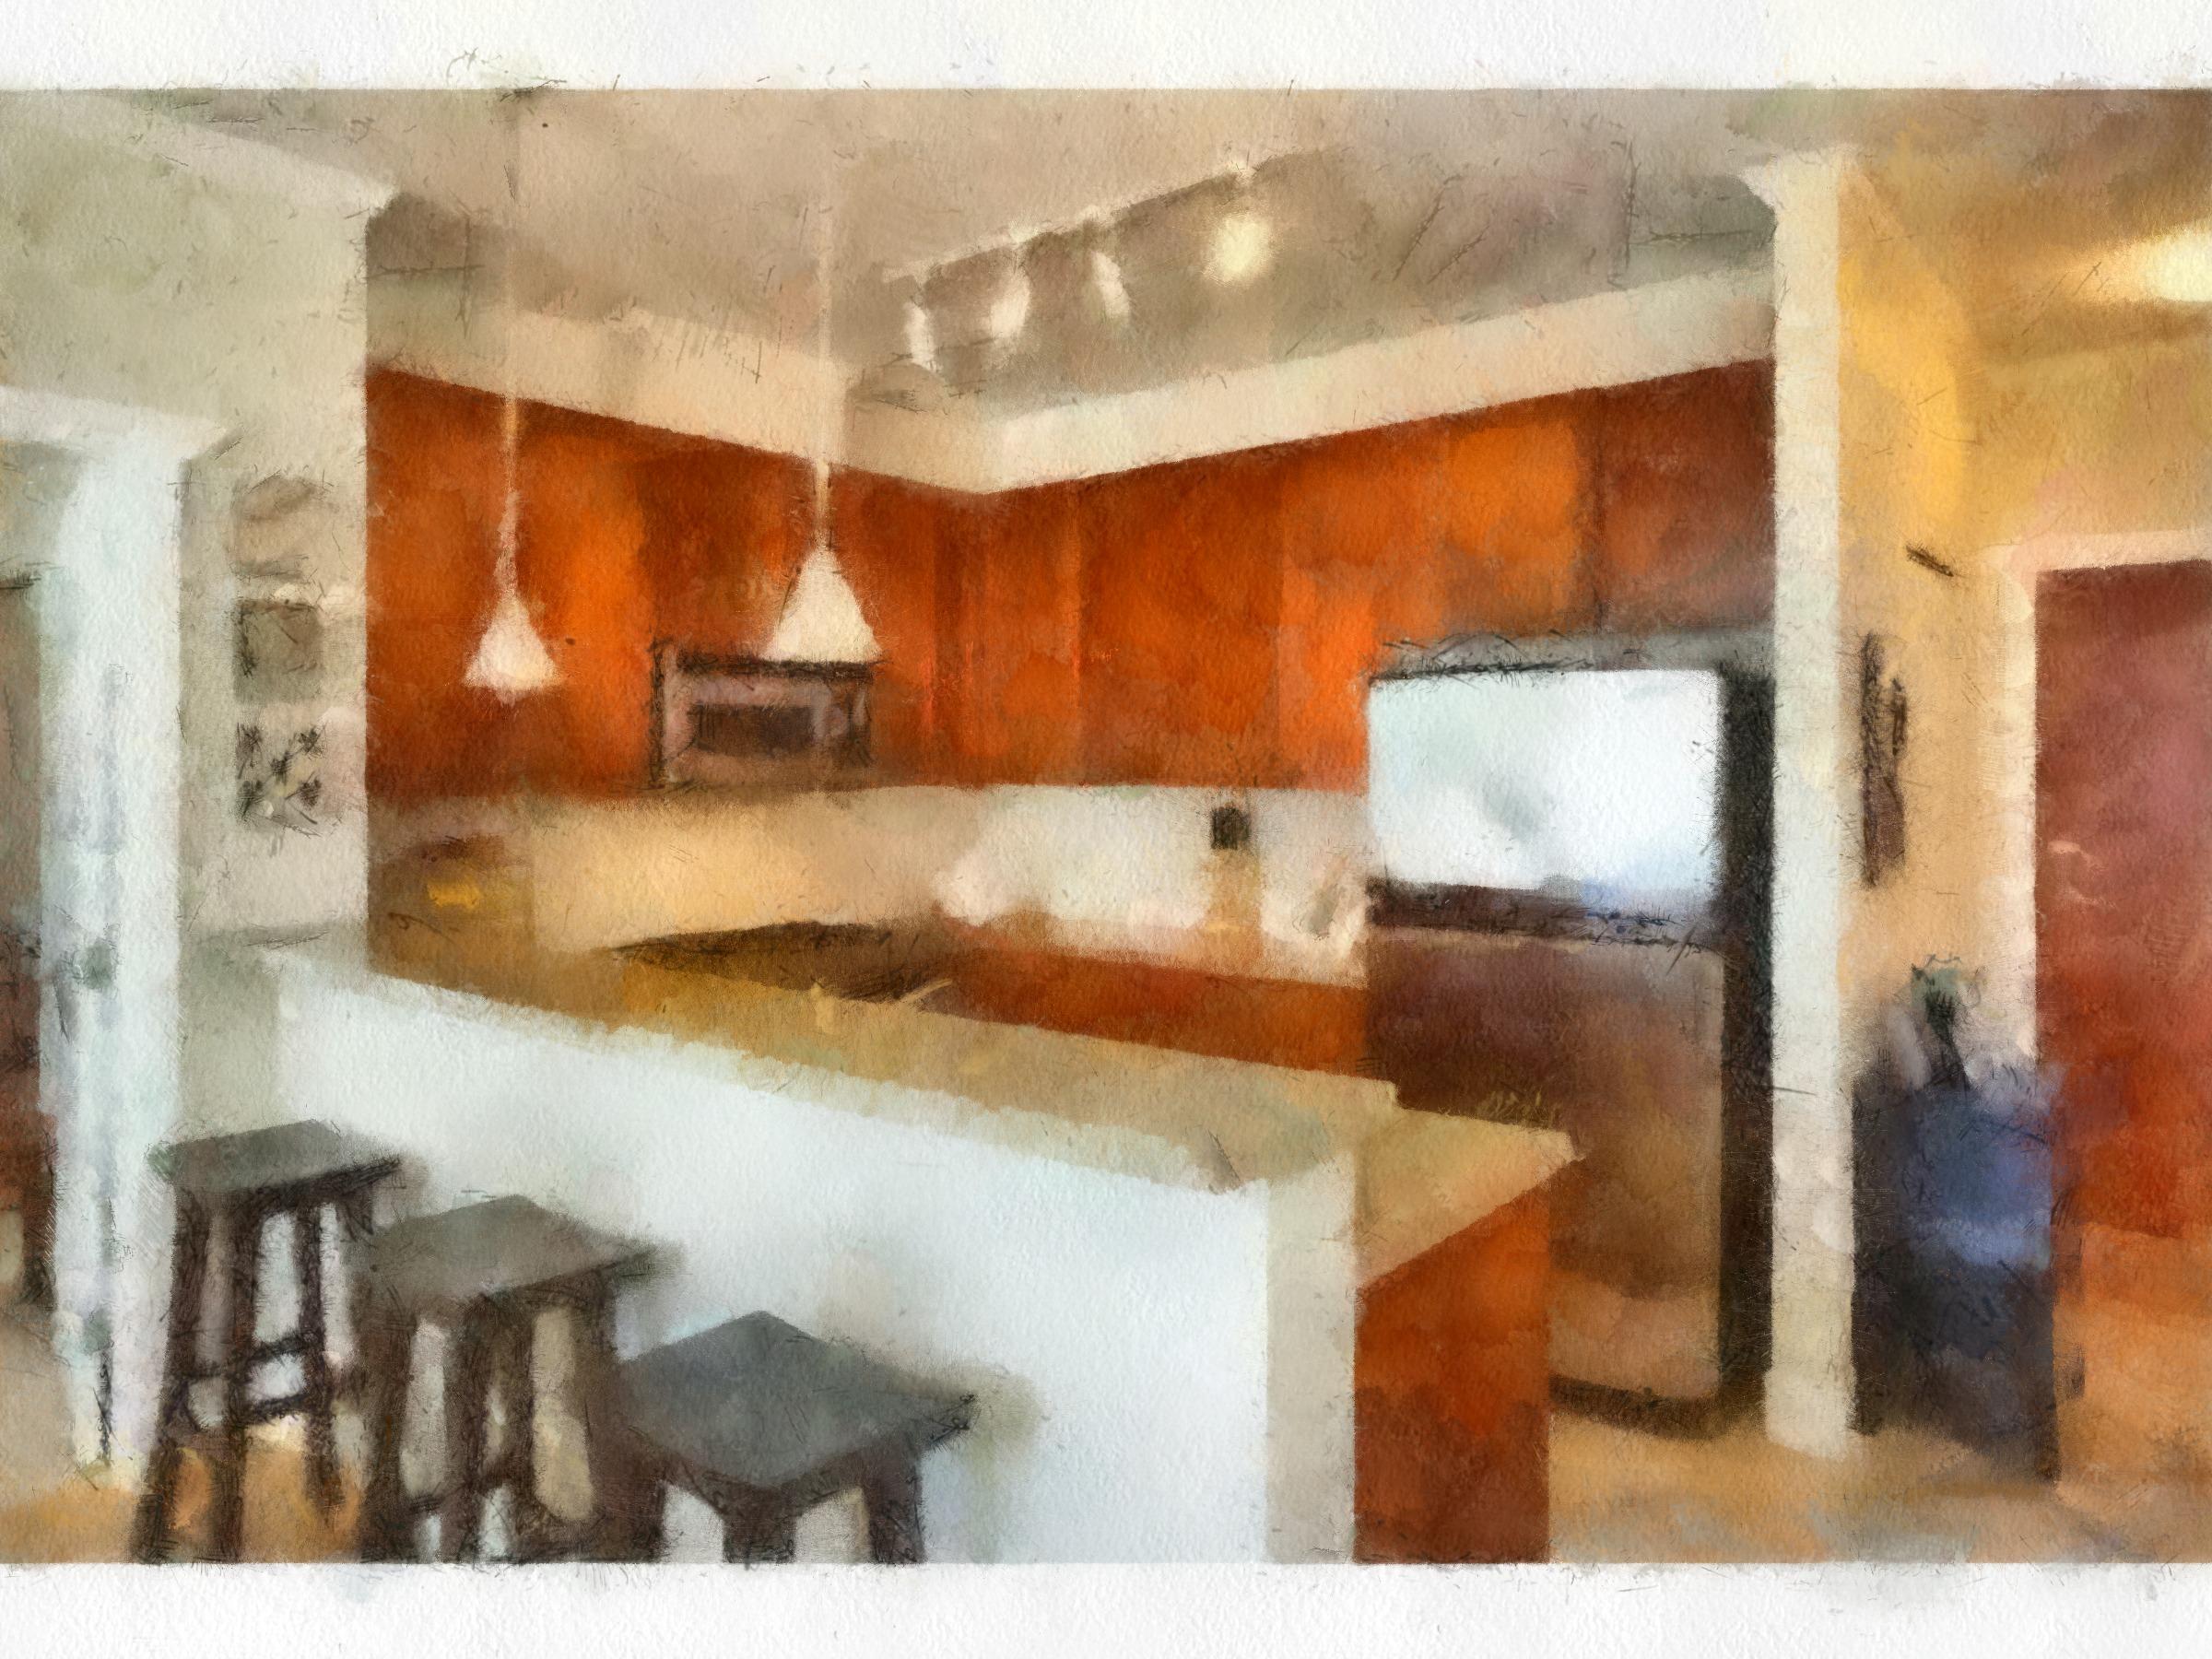 d5f923c77fe89469d67662acb05a32a0_DAP_Watercolor.jpg